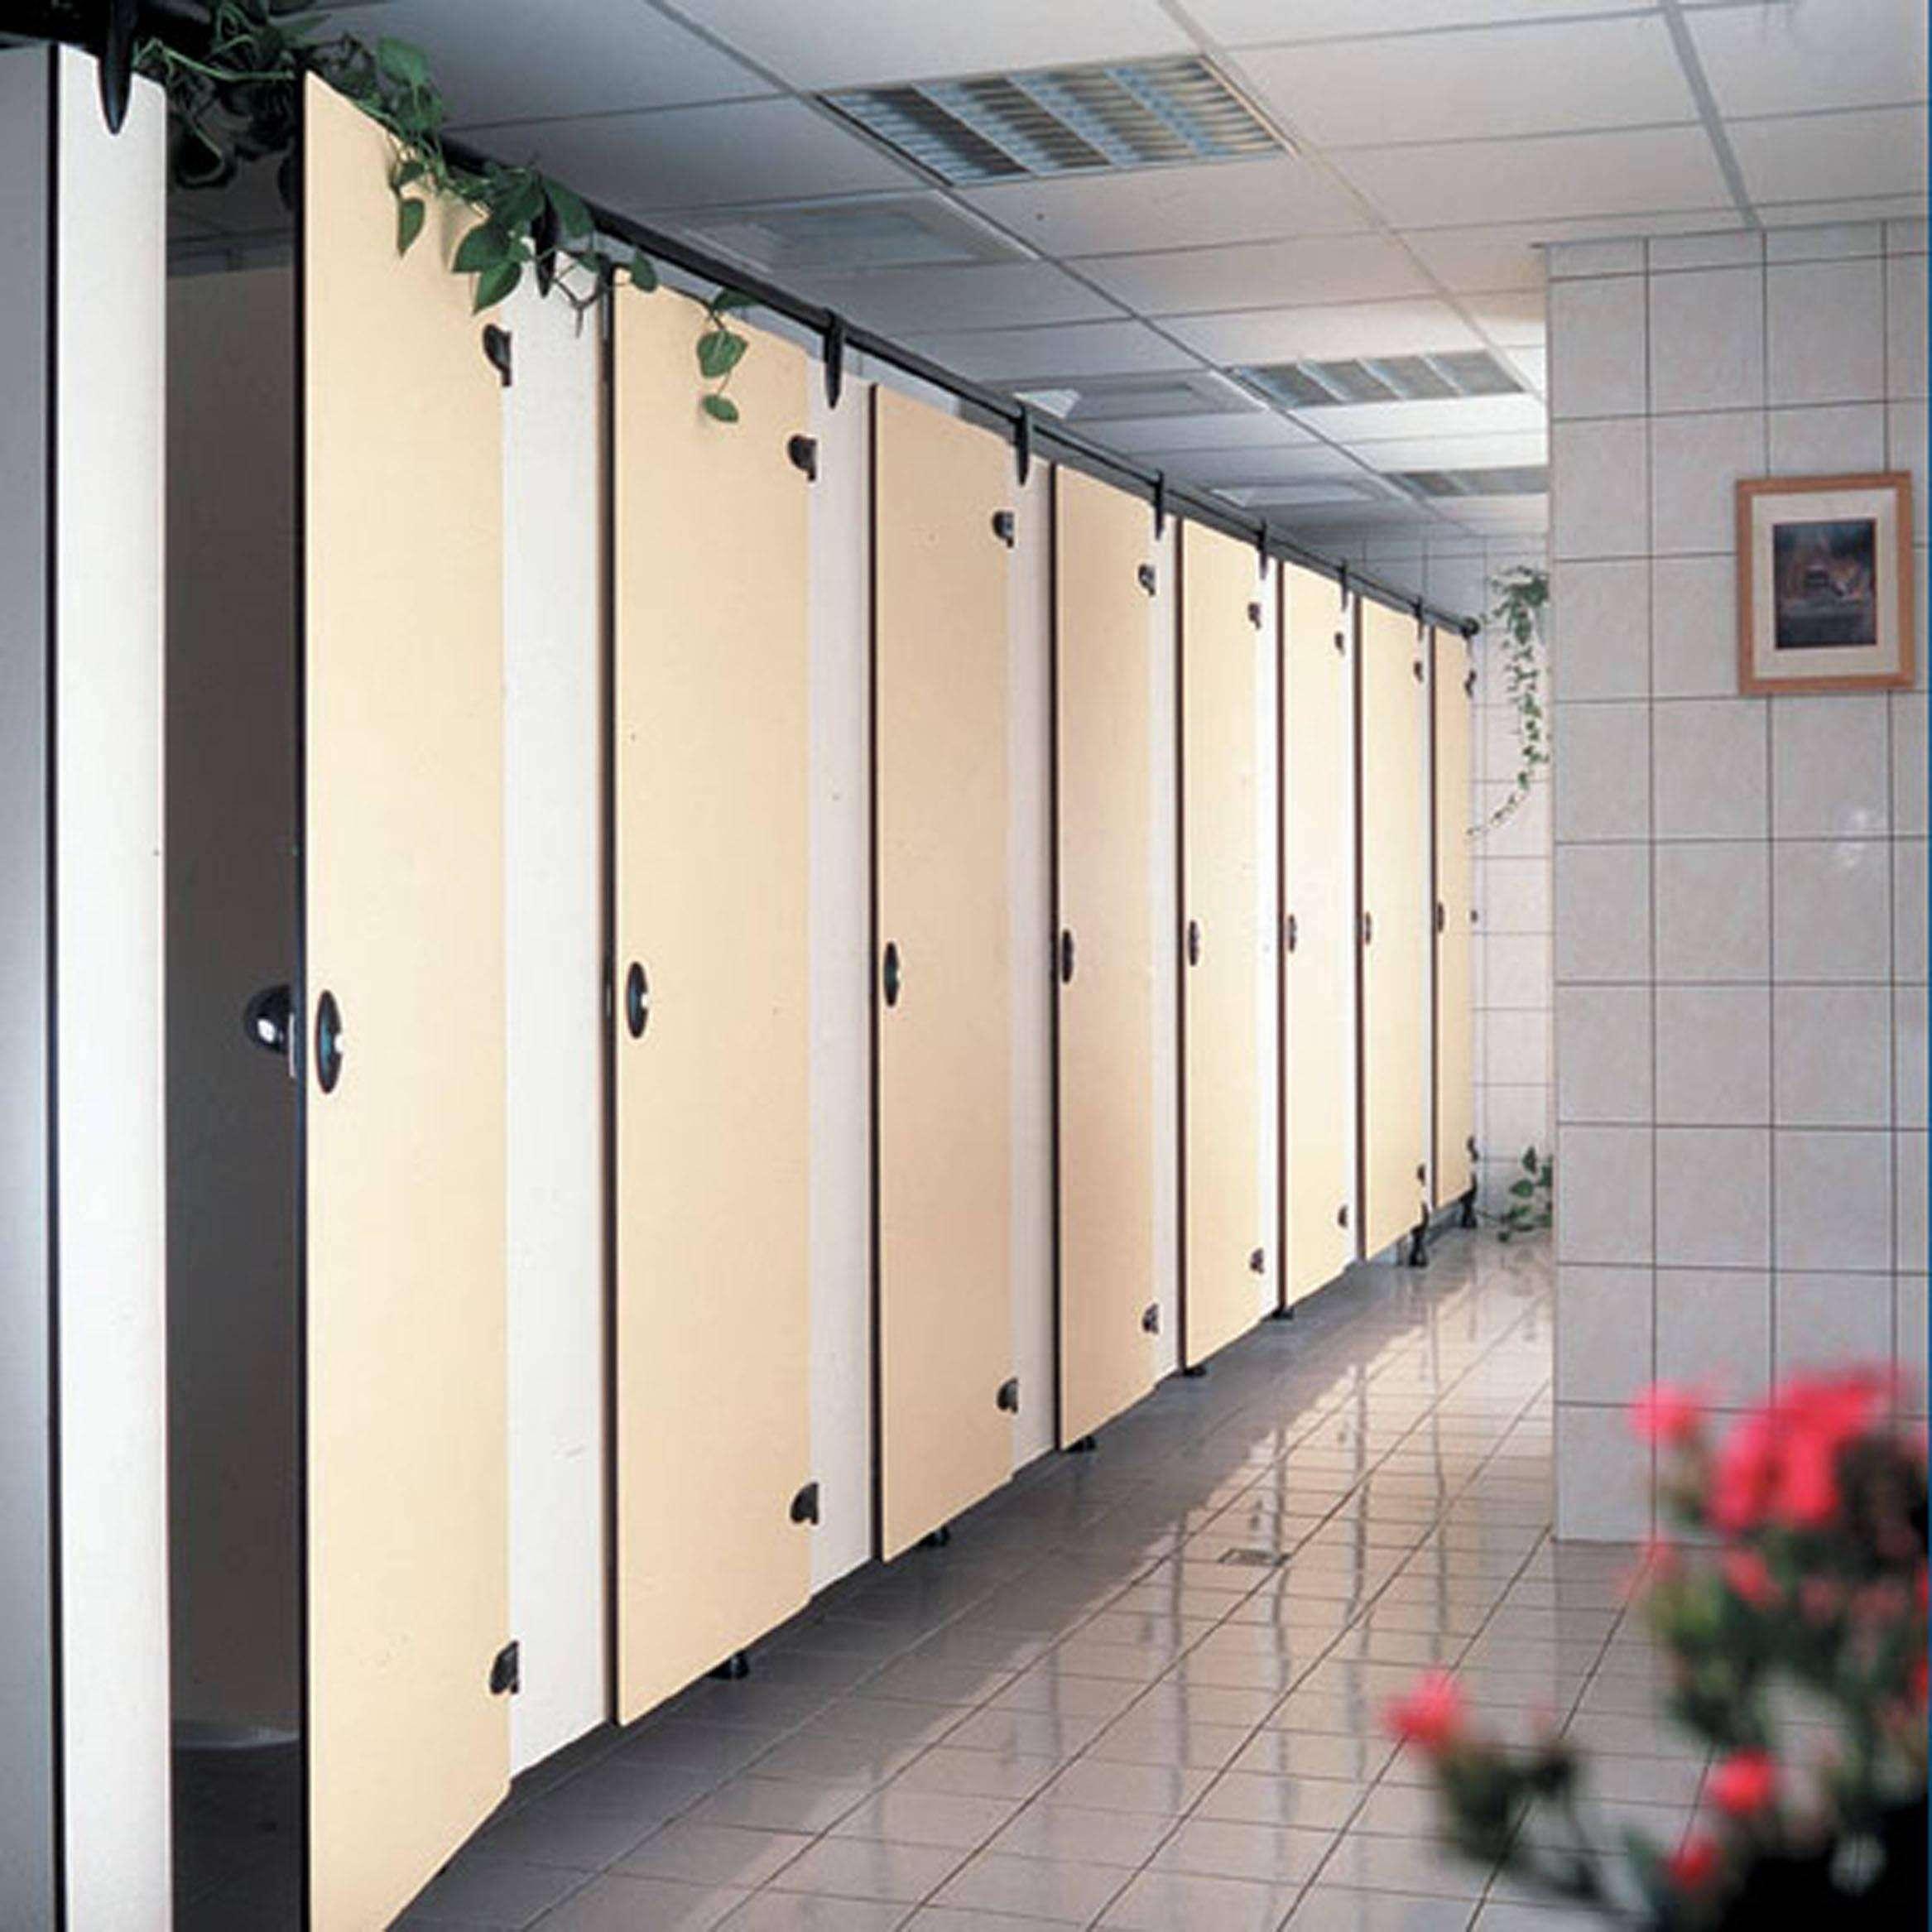 公共厕所潮湿易滑怎么办?